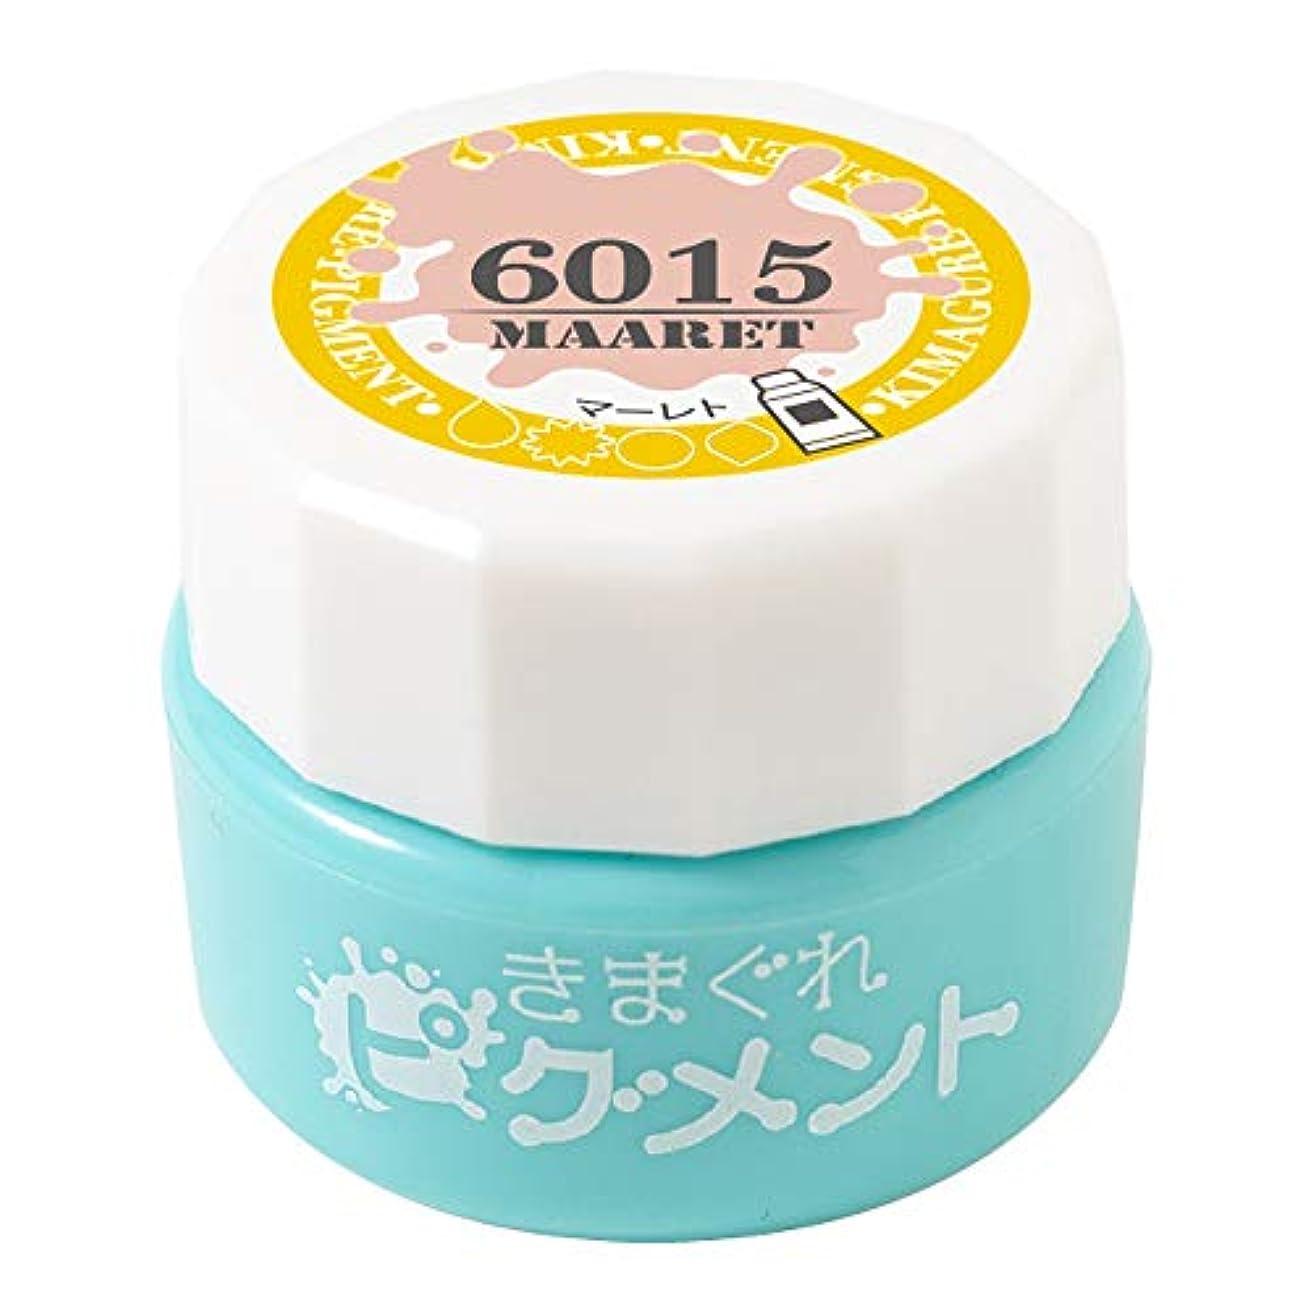 流用する認証粘液Bettygel きまぐれピグメント マーレト QYJ-6015 4g UV/LED対応